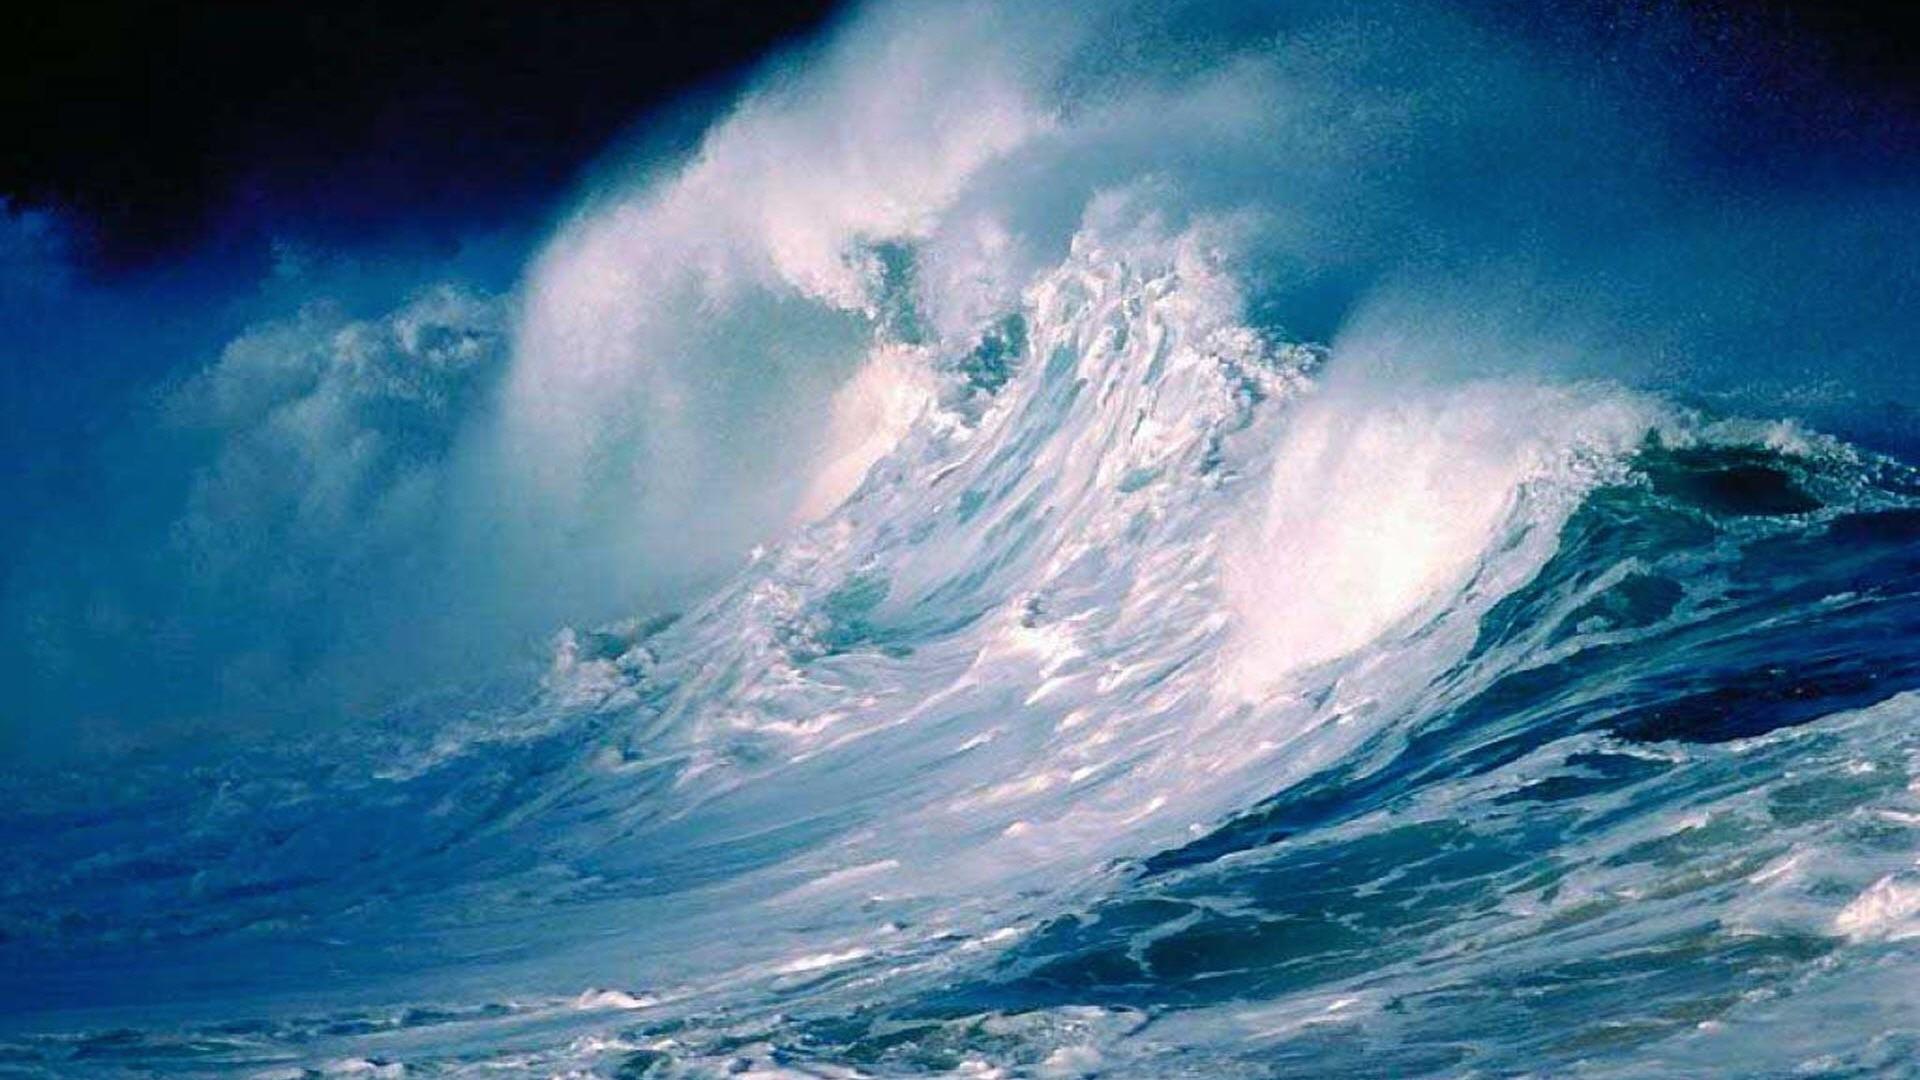 Res: 1920x1080, ocean scenes